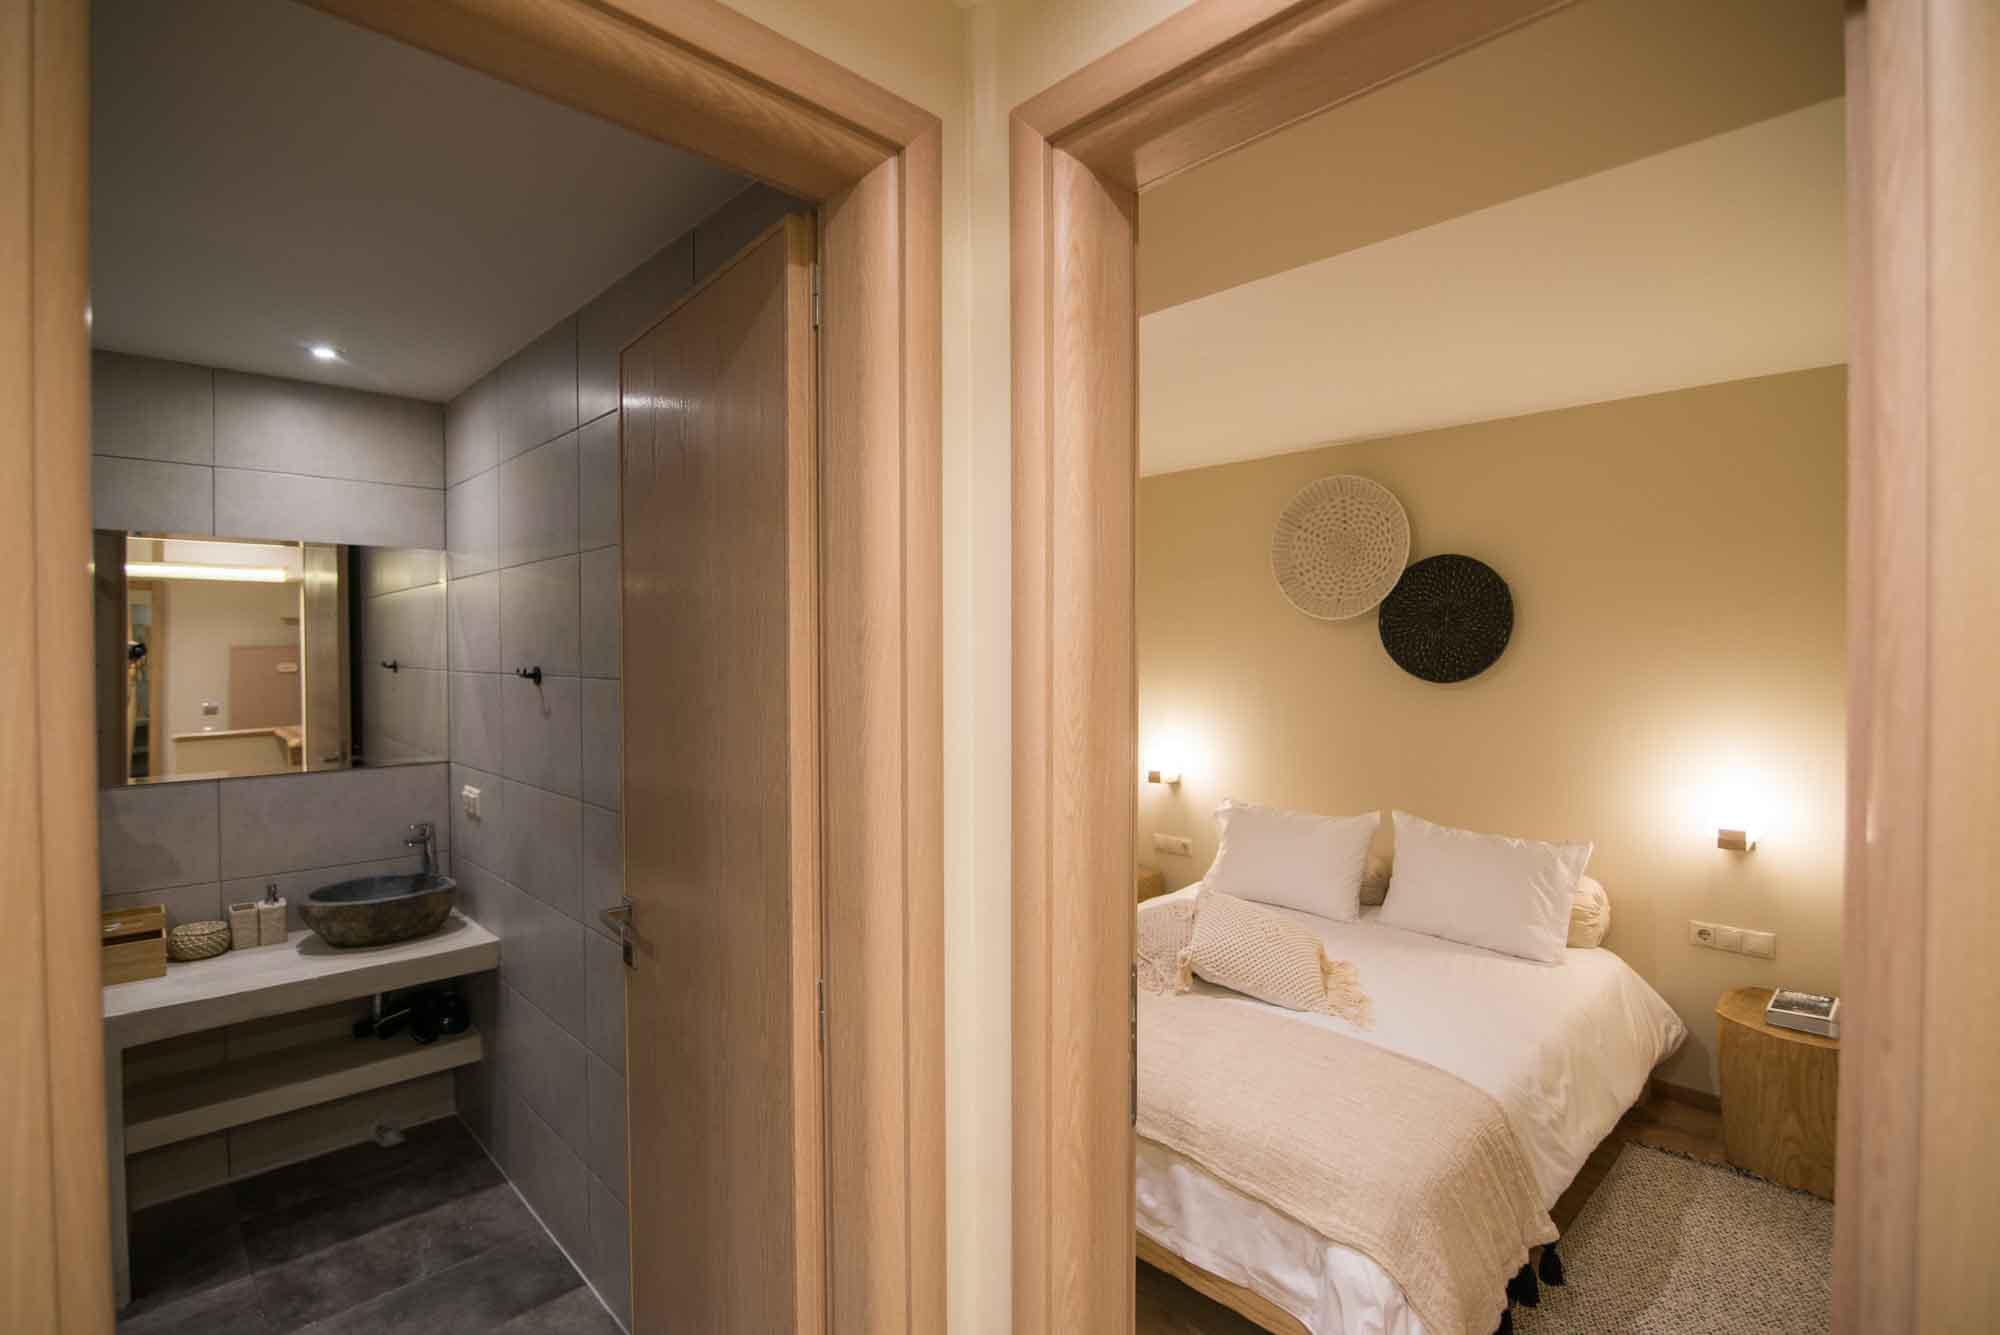 Hotel_room_Maira_06